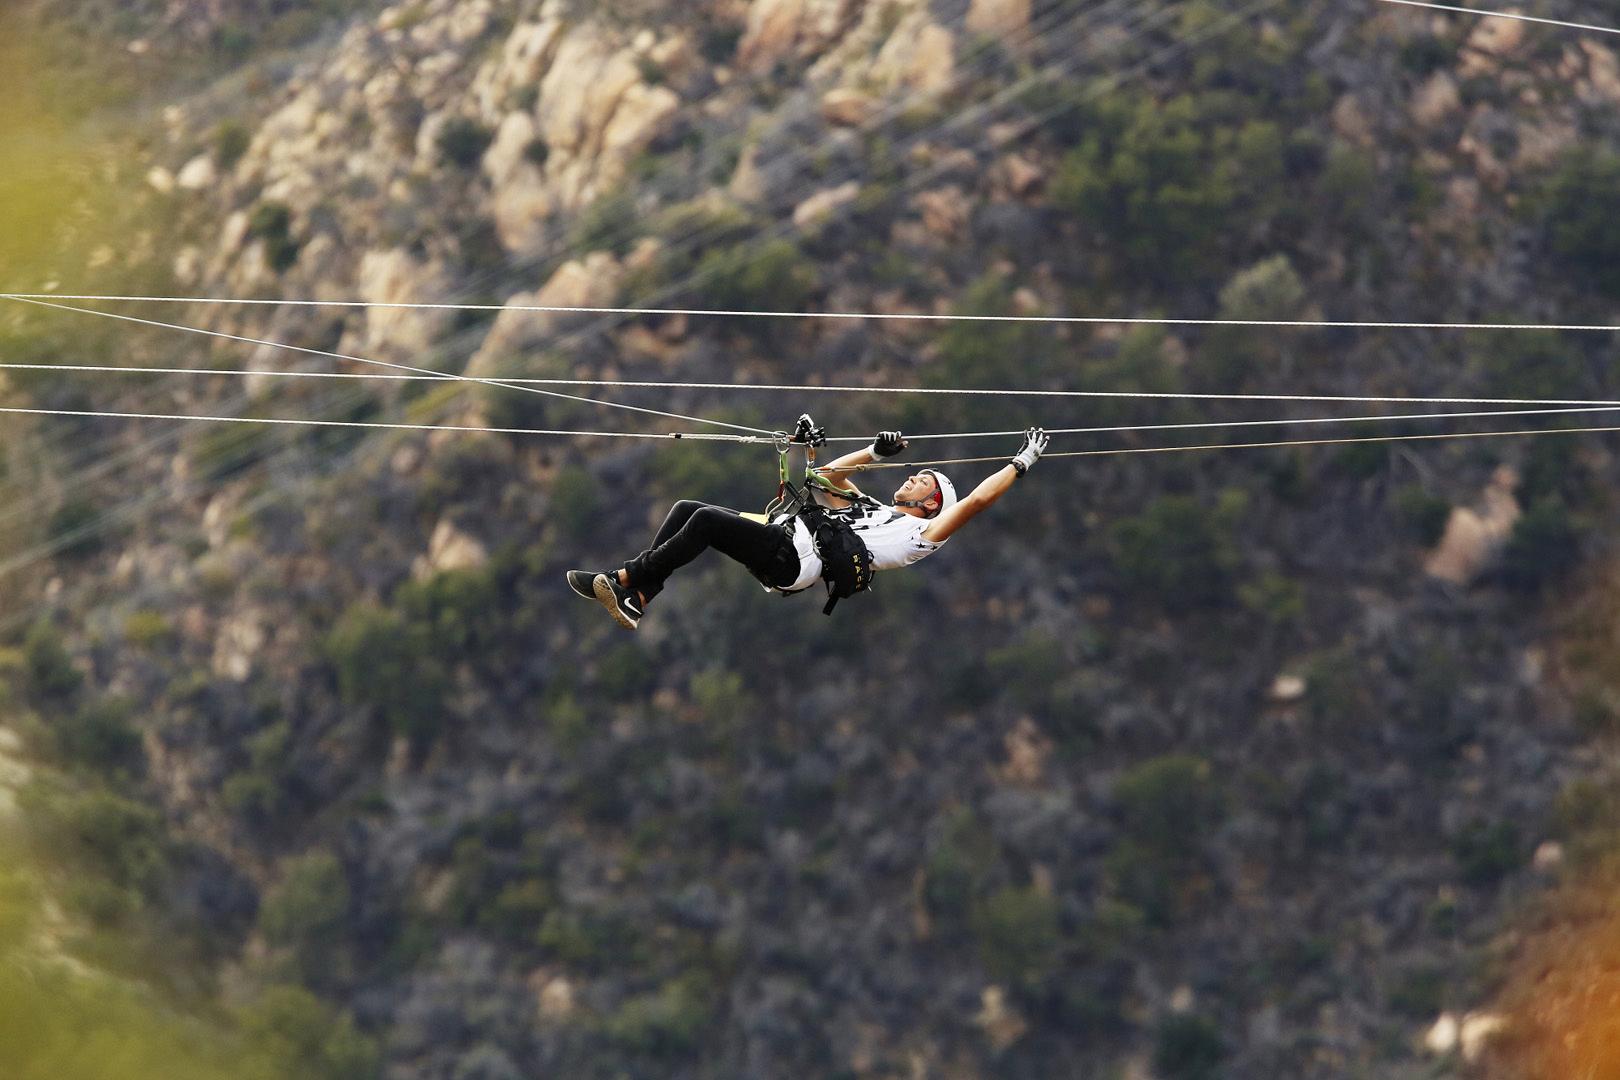 Matt hangs in midair from her zip line.